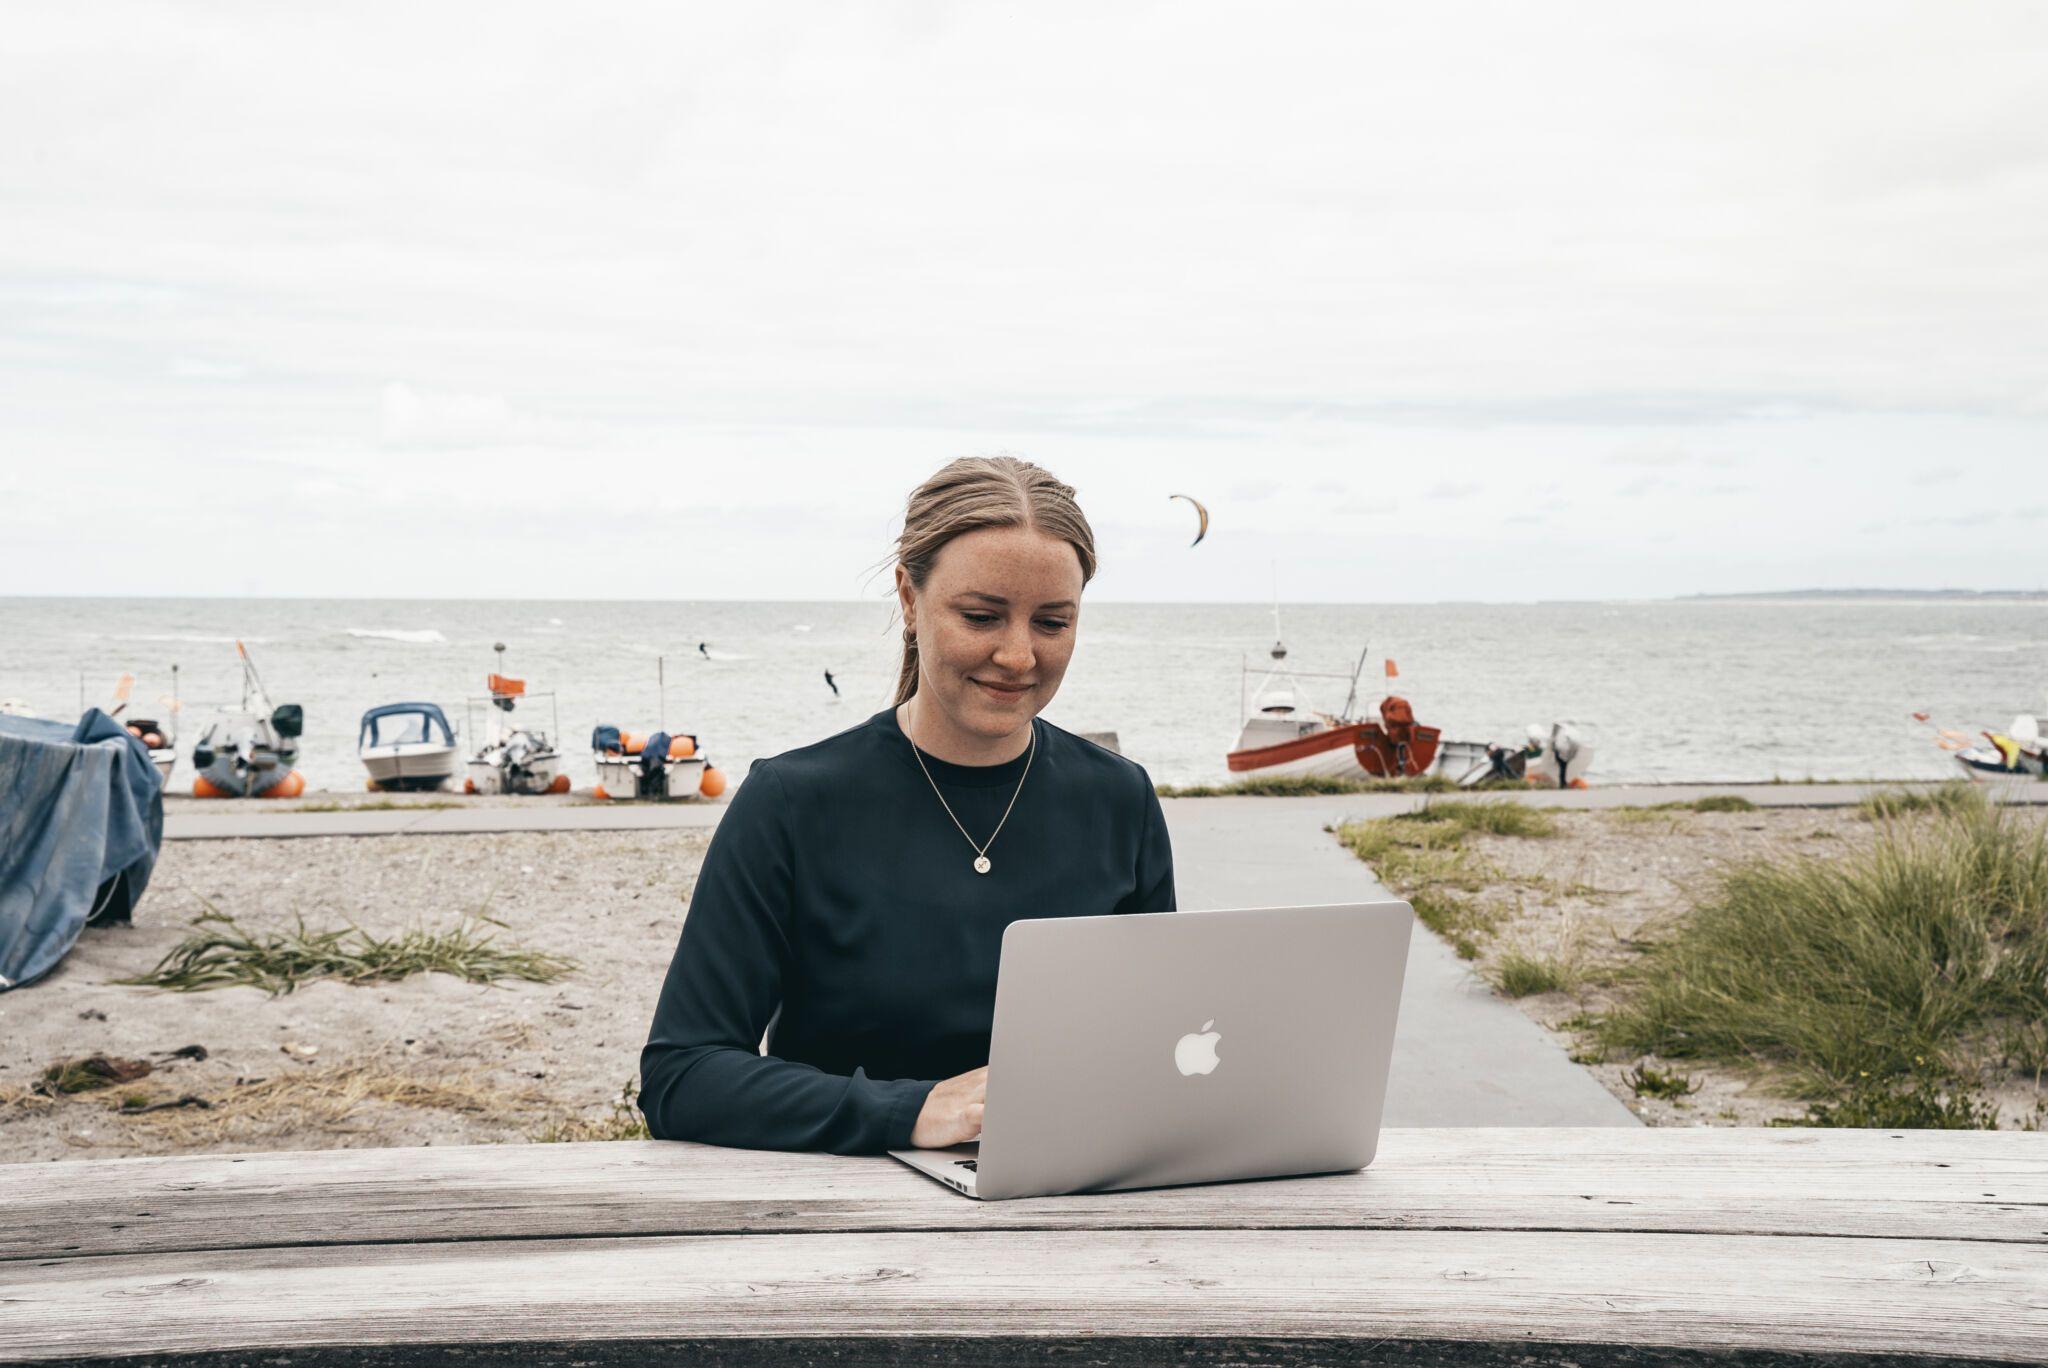 Billede af Dorte Toft på bænk ved havet i baggrunden